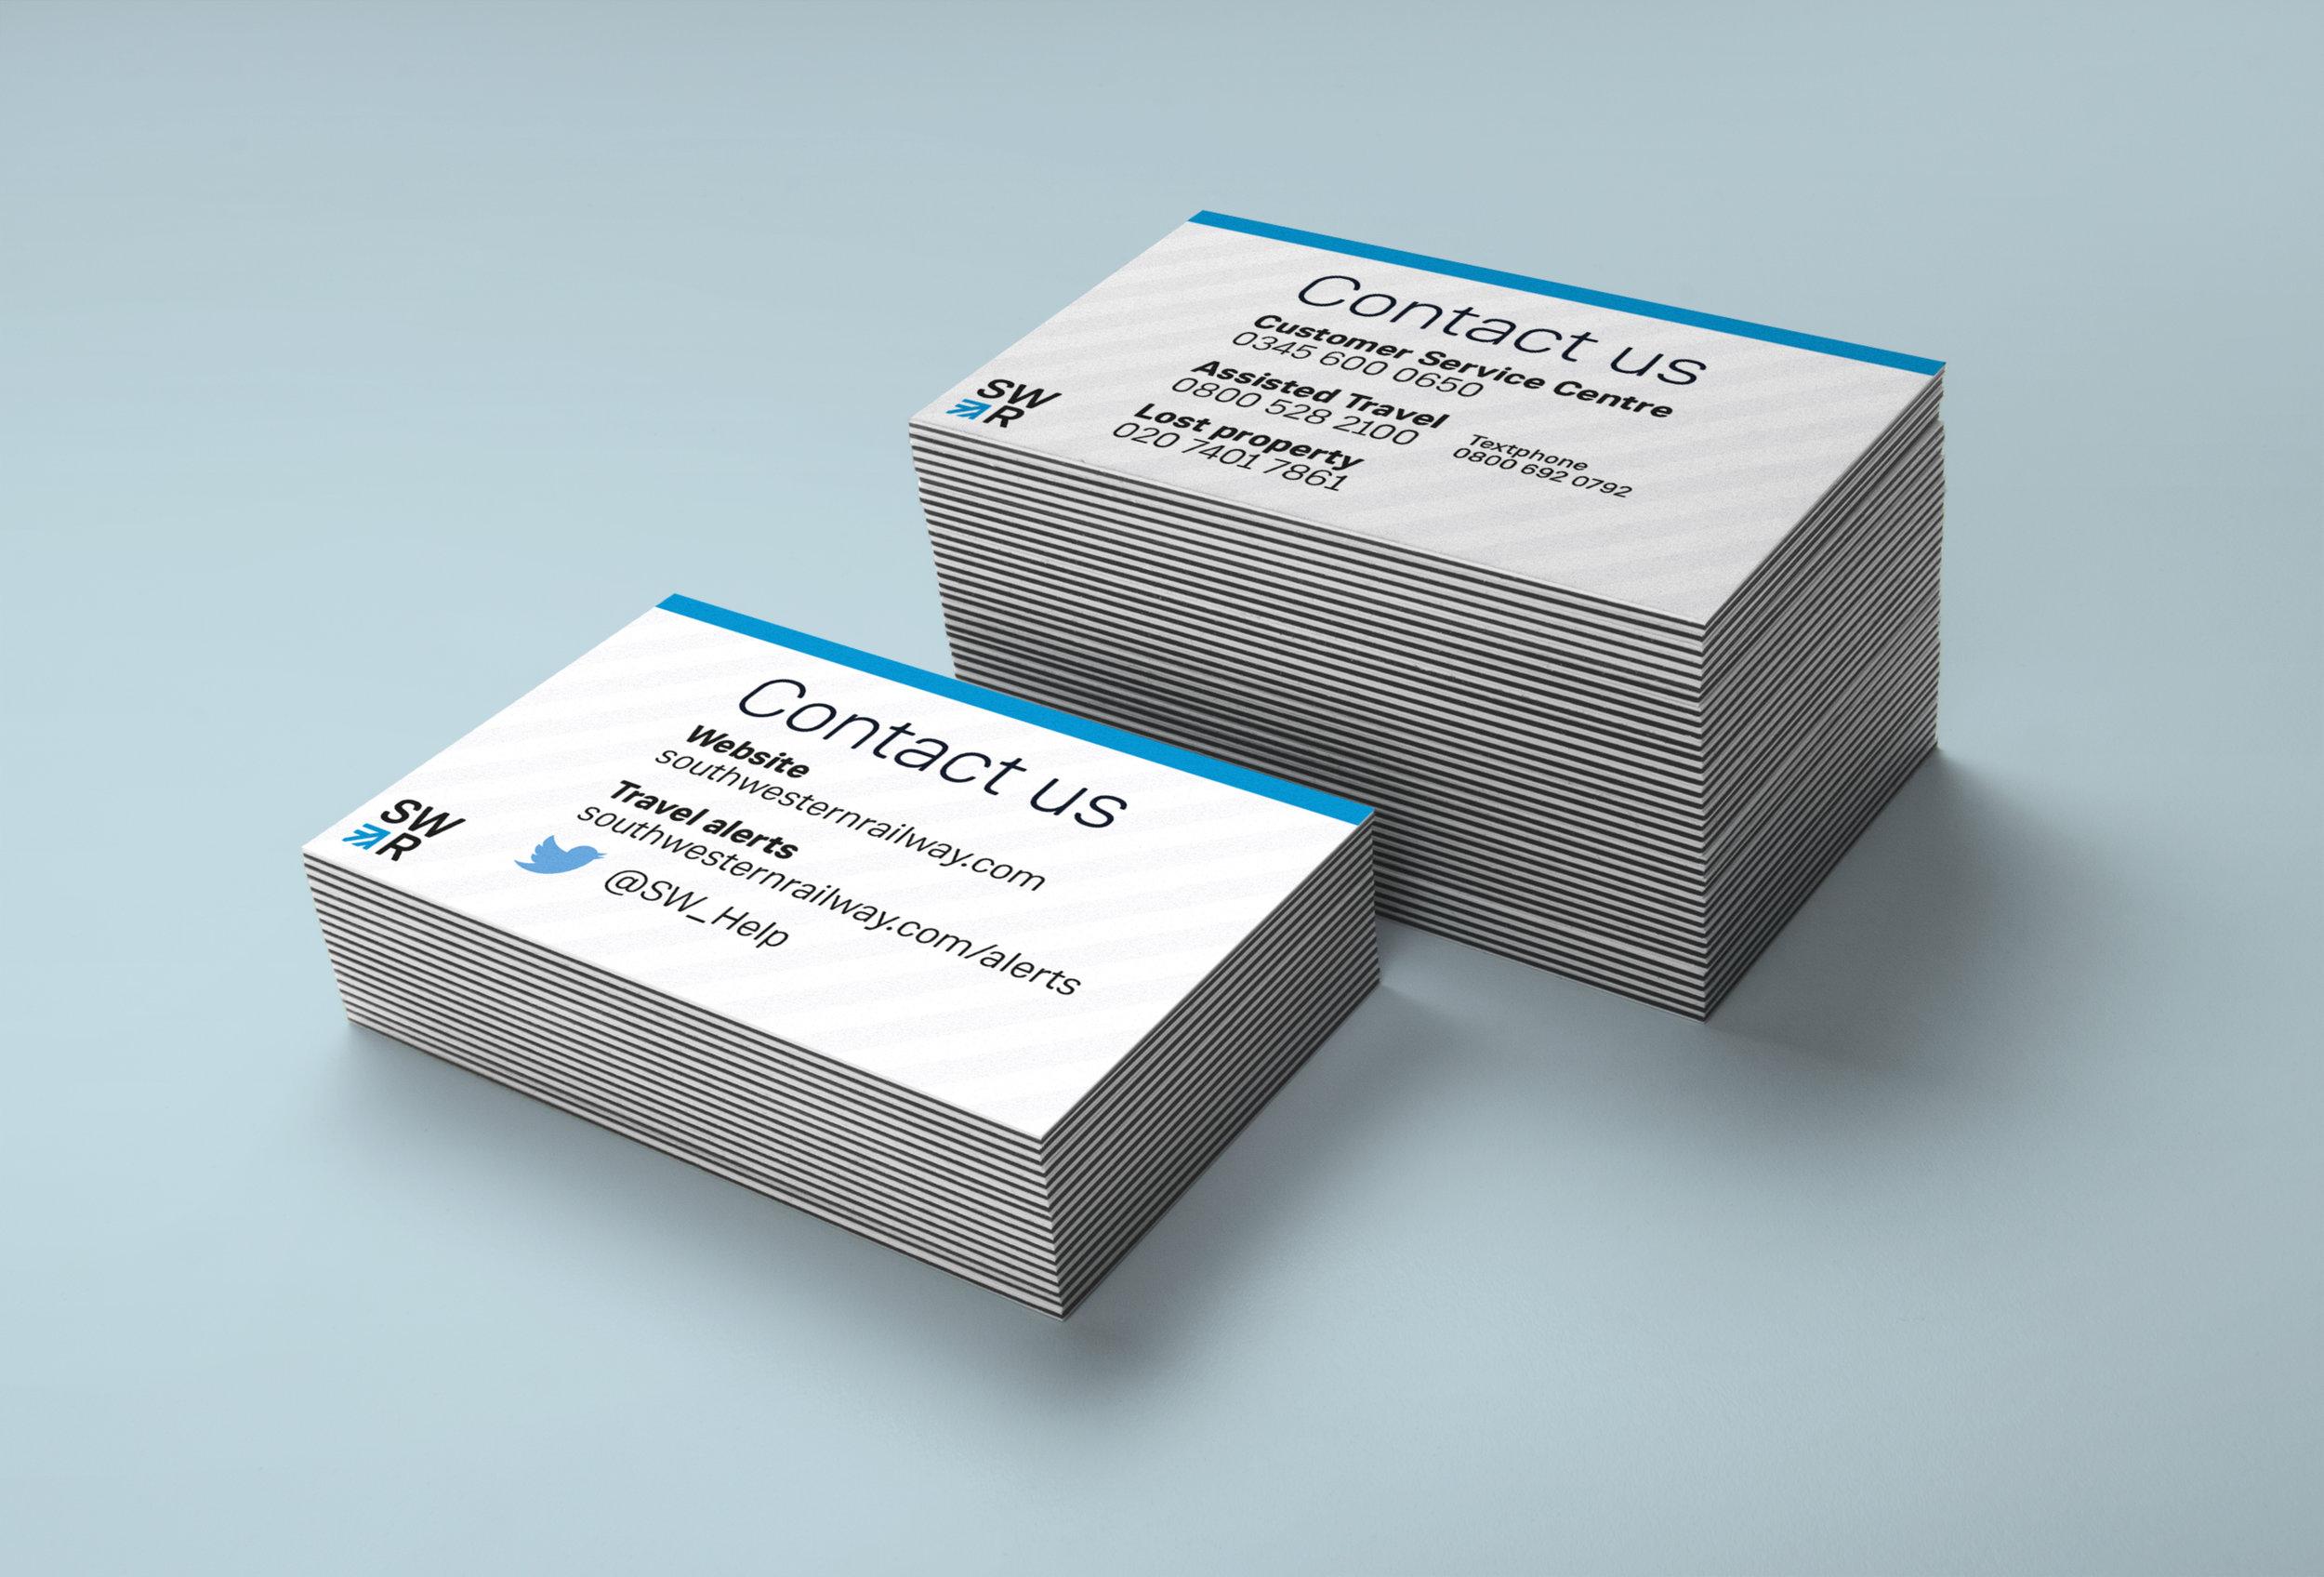 Contact us card mockup.jpg